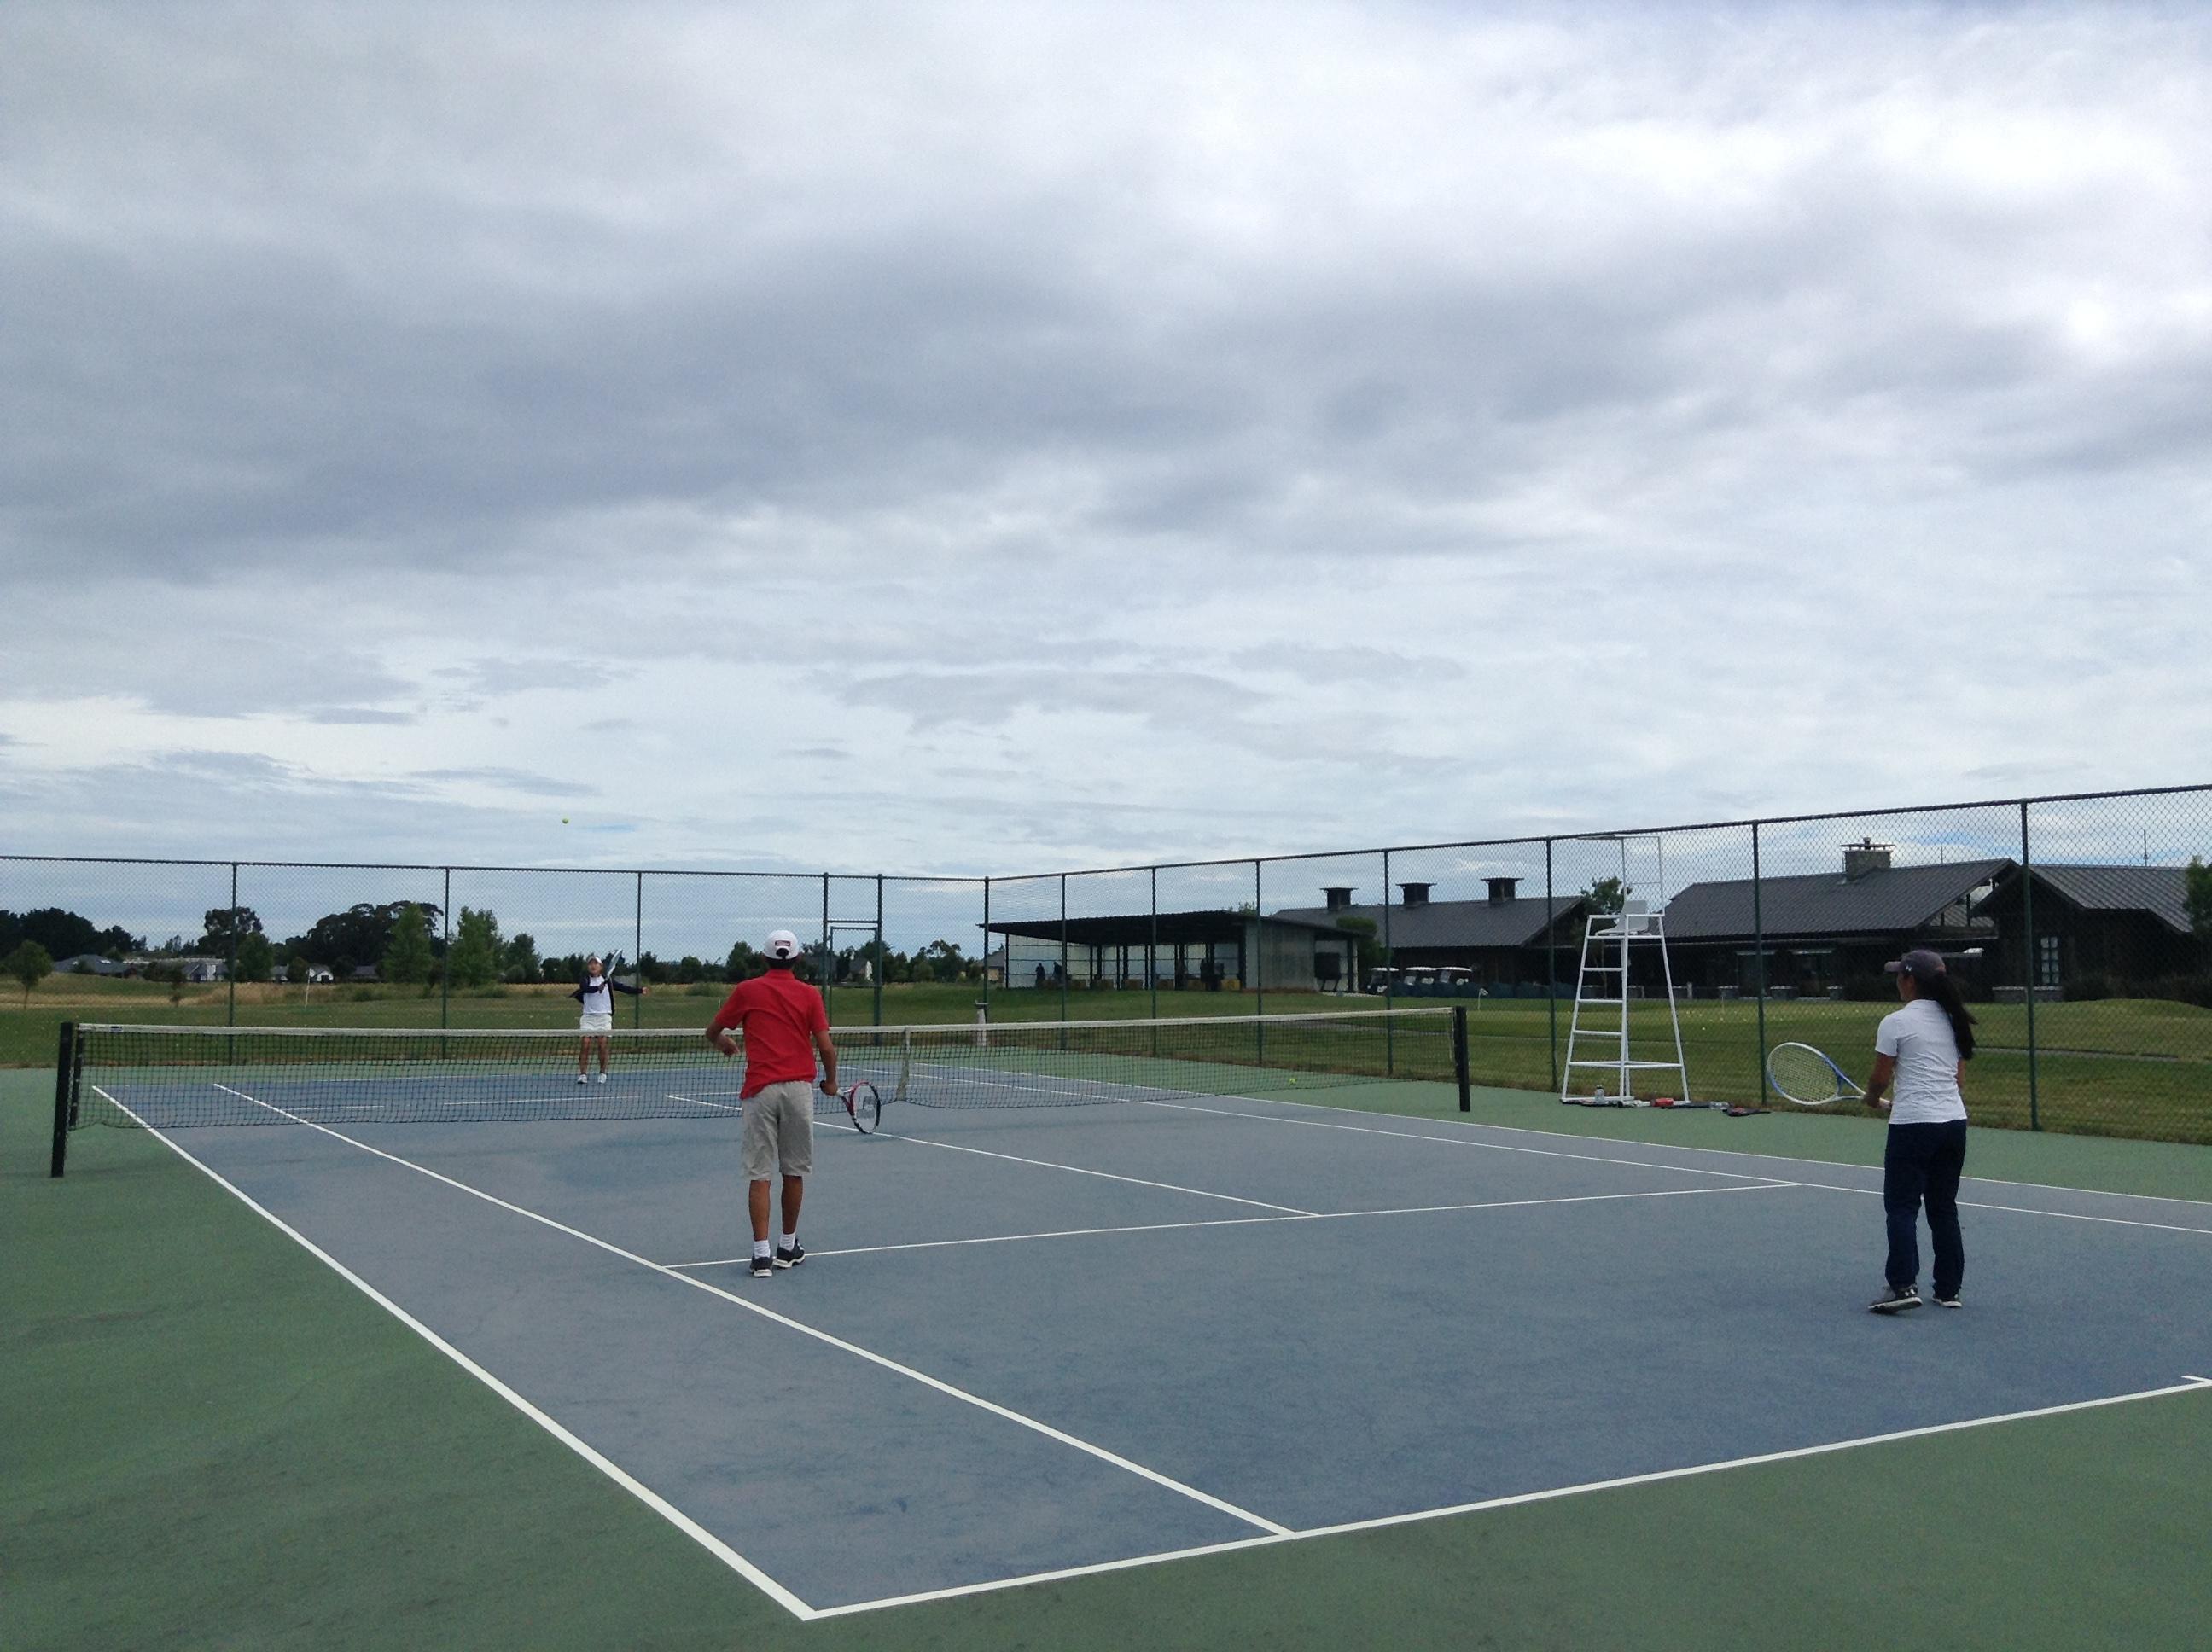 ジュニアゴルファーにとって、ゴルフ以外のスポーツをするメリットは大きいと思います。テニスやバスケは身体能力アップに最高ですよ。